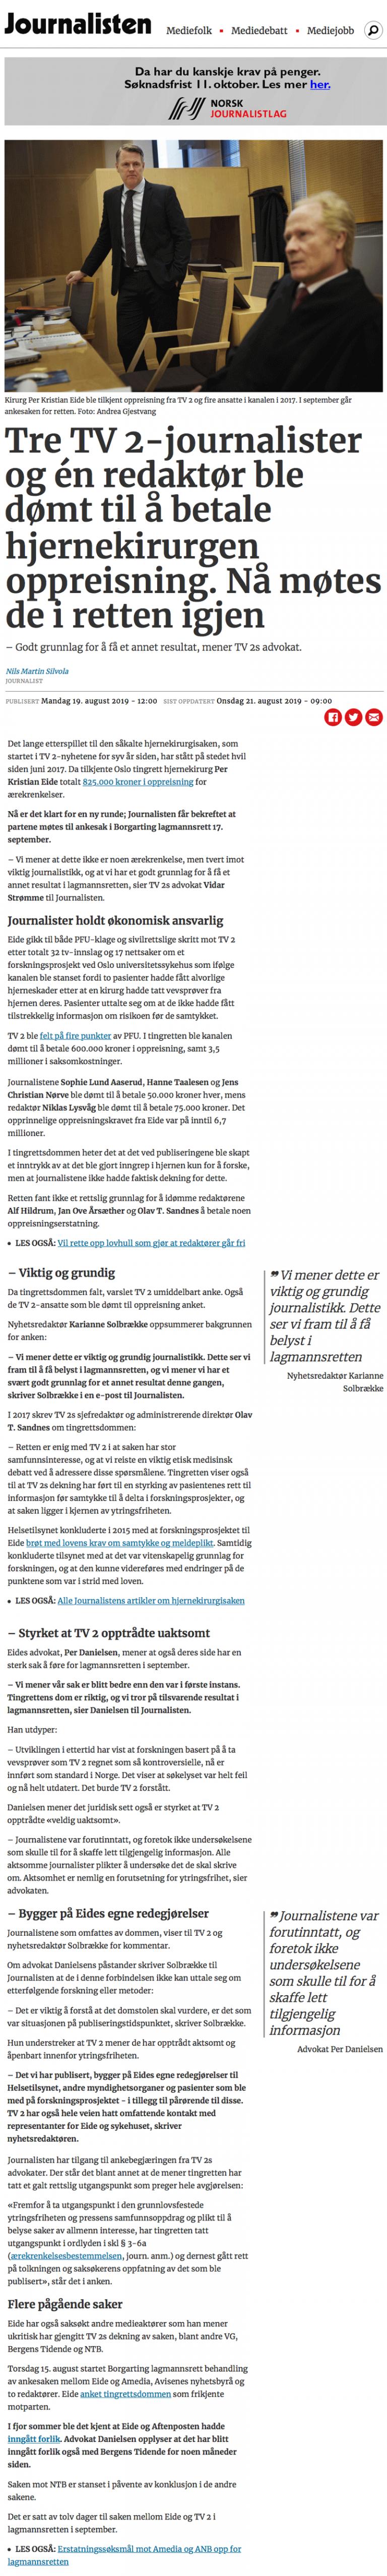 Ærekrenkelse Journalister og en redaktør dømt. Advokat Danielsen & Co. Per Danielsen. Advokat i Oslo.